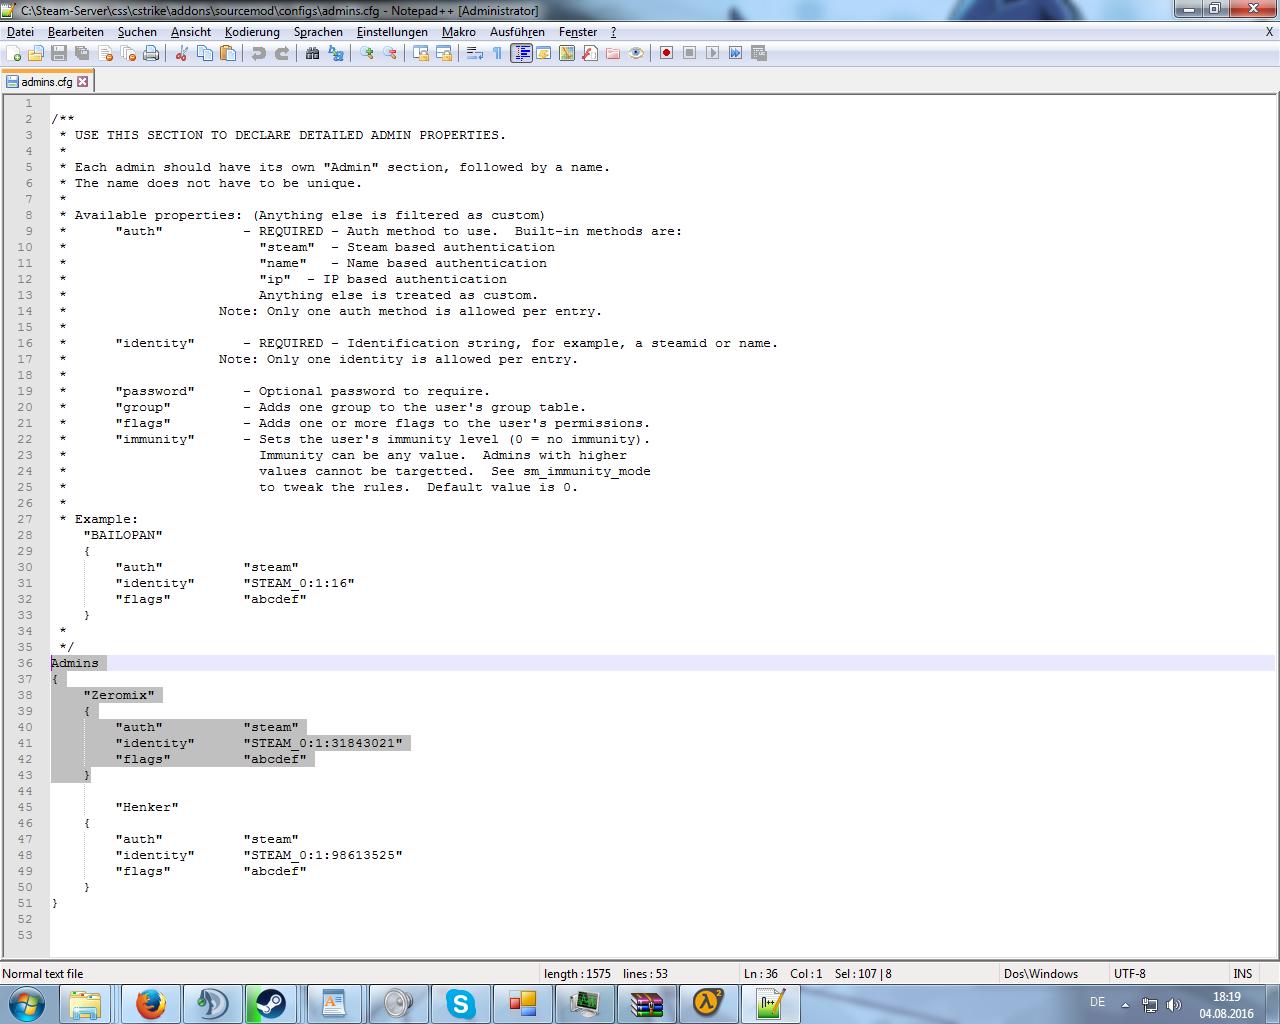 регистрация доменов в зоне es